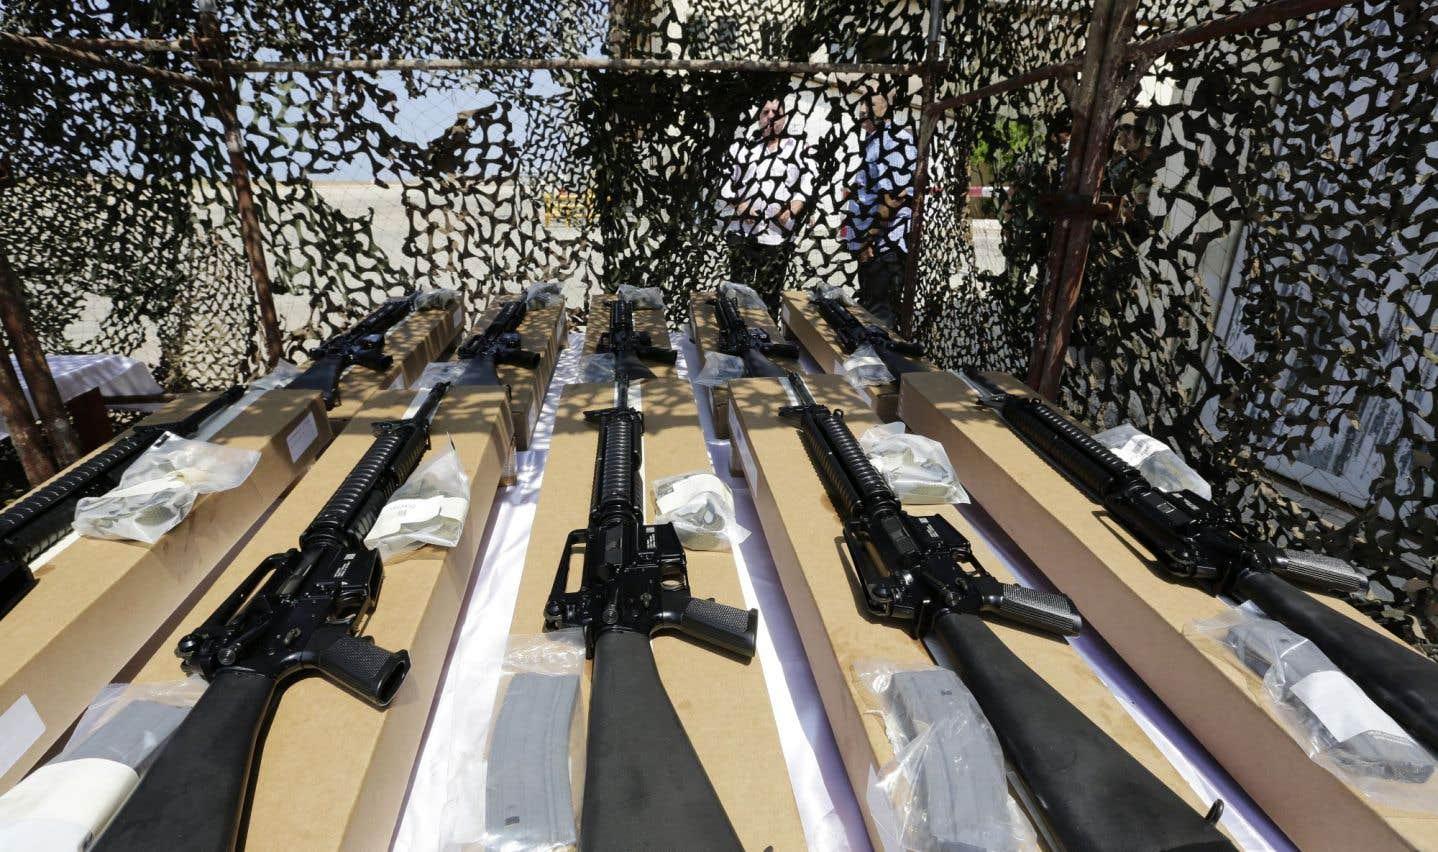 Les transferts mondiaux d'armements sur les cinq années sous revue ont atteint un niveau record depuis 1950.